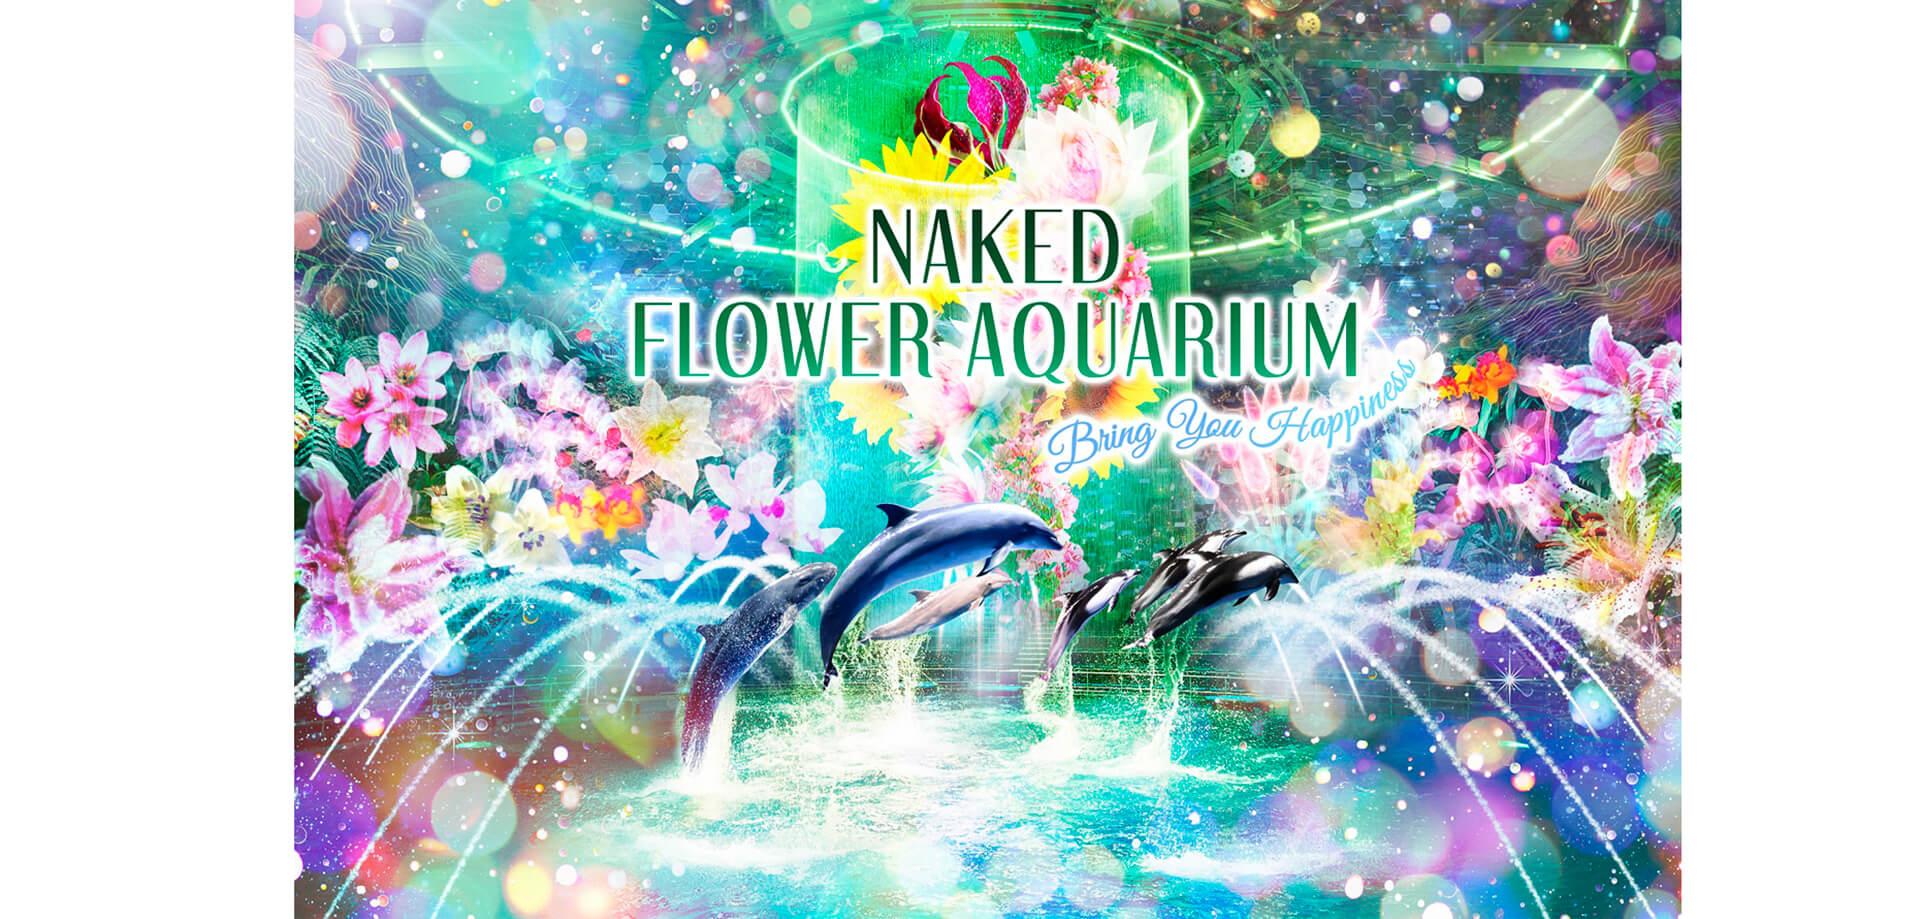 マクセル アクアパーク品川「NAKED FLOWER AQUARIUM‐Bring You Happiness」